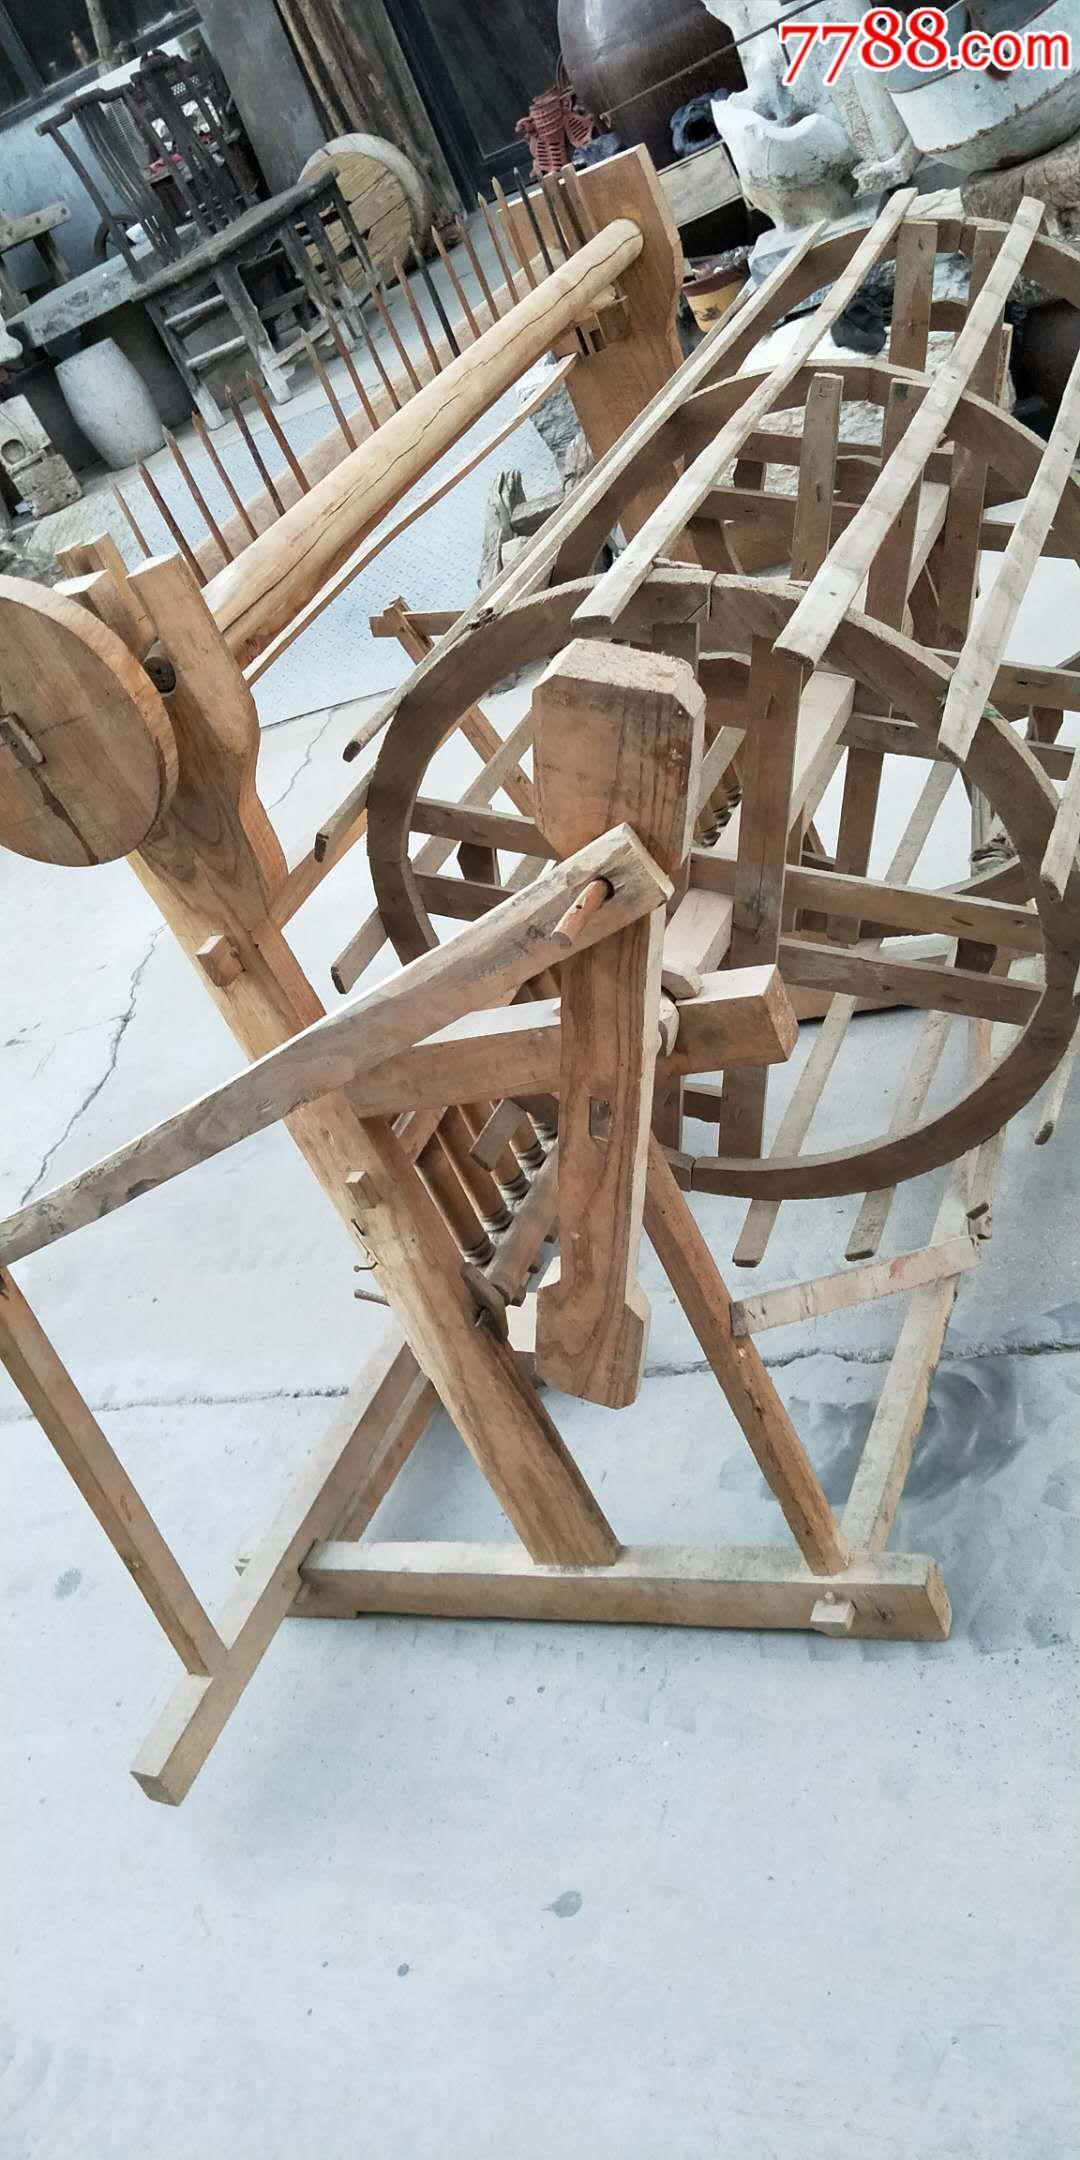 抗日战征时为支援前线纺花车一件原头货全品榆木能正常使用品象如图图片